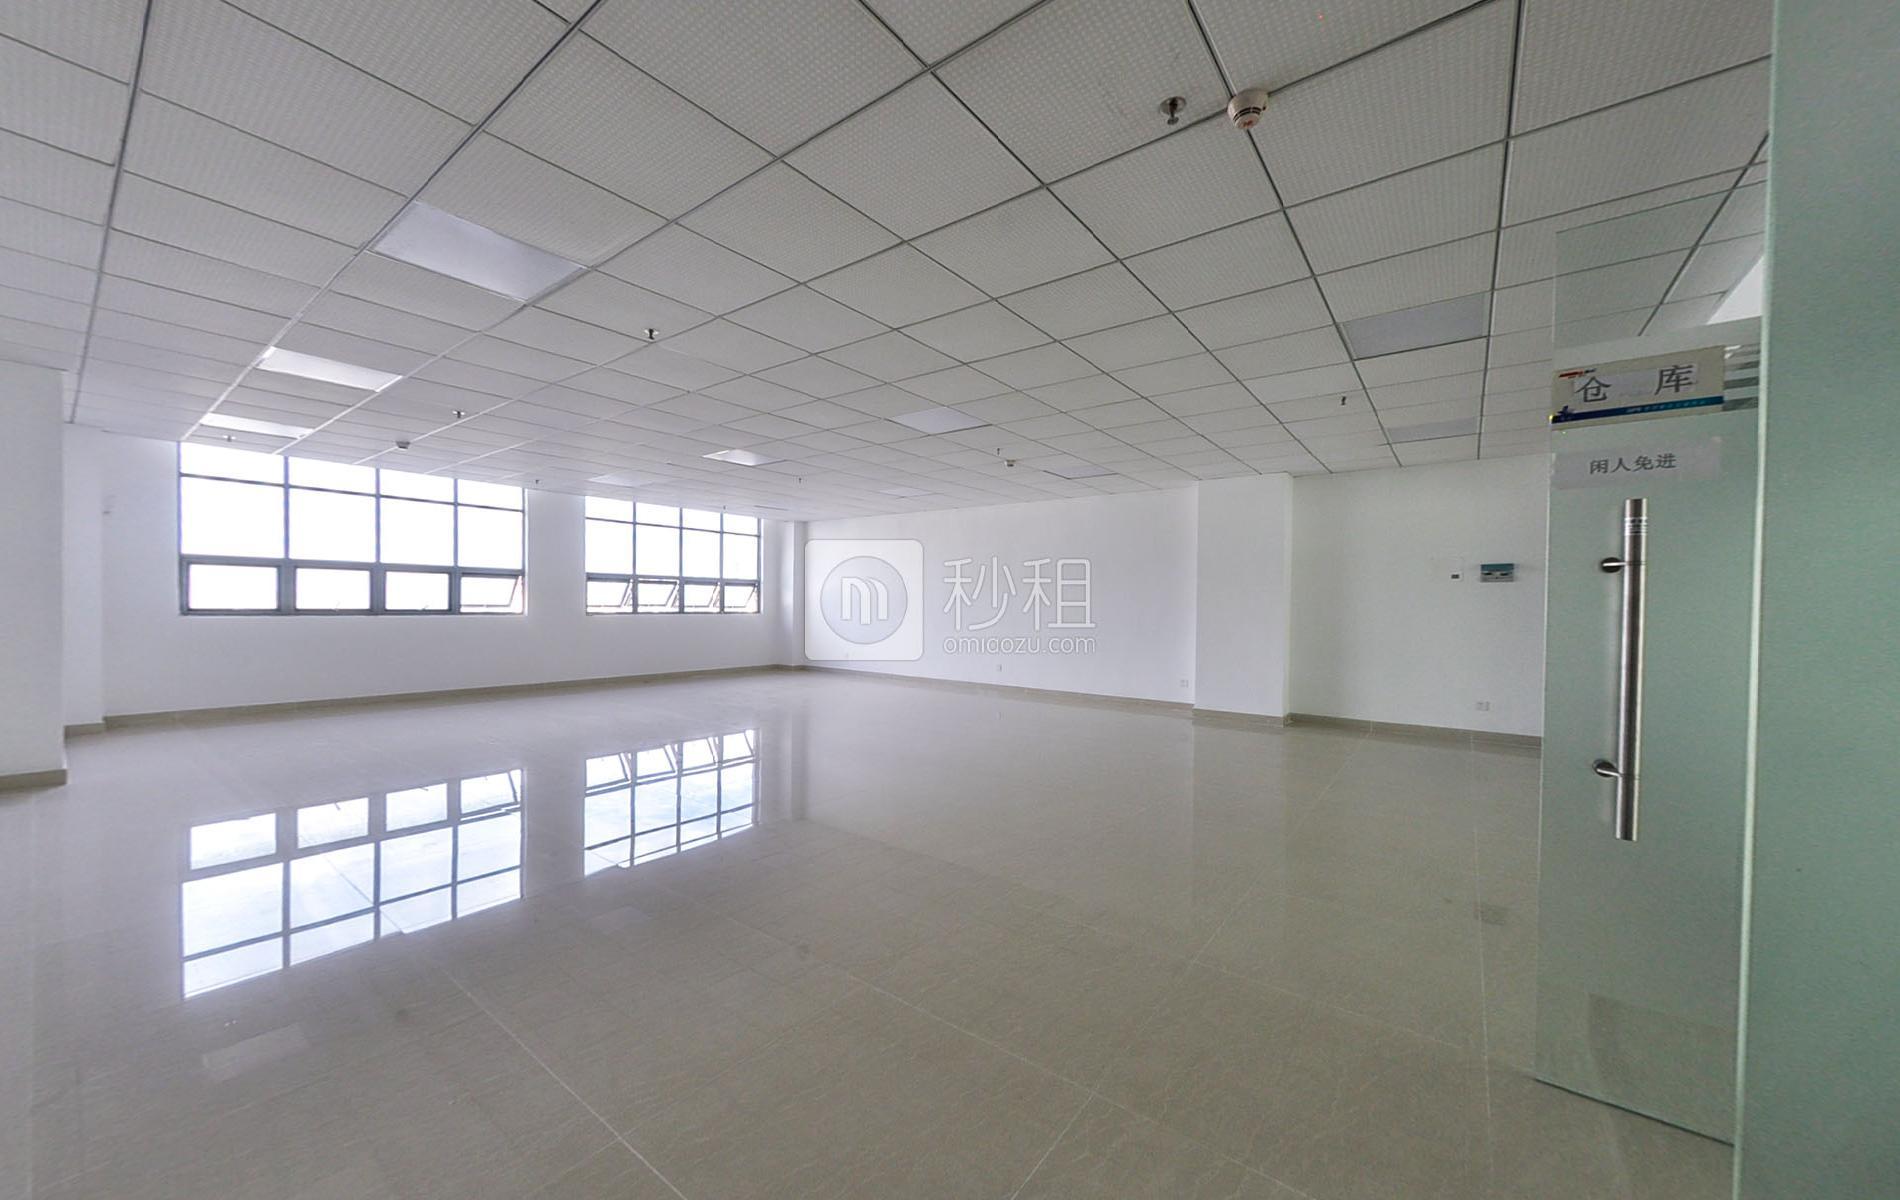 宝安-西乡 宝运达物流信息大厦 138m²